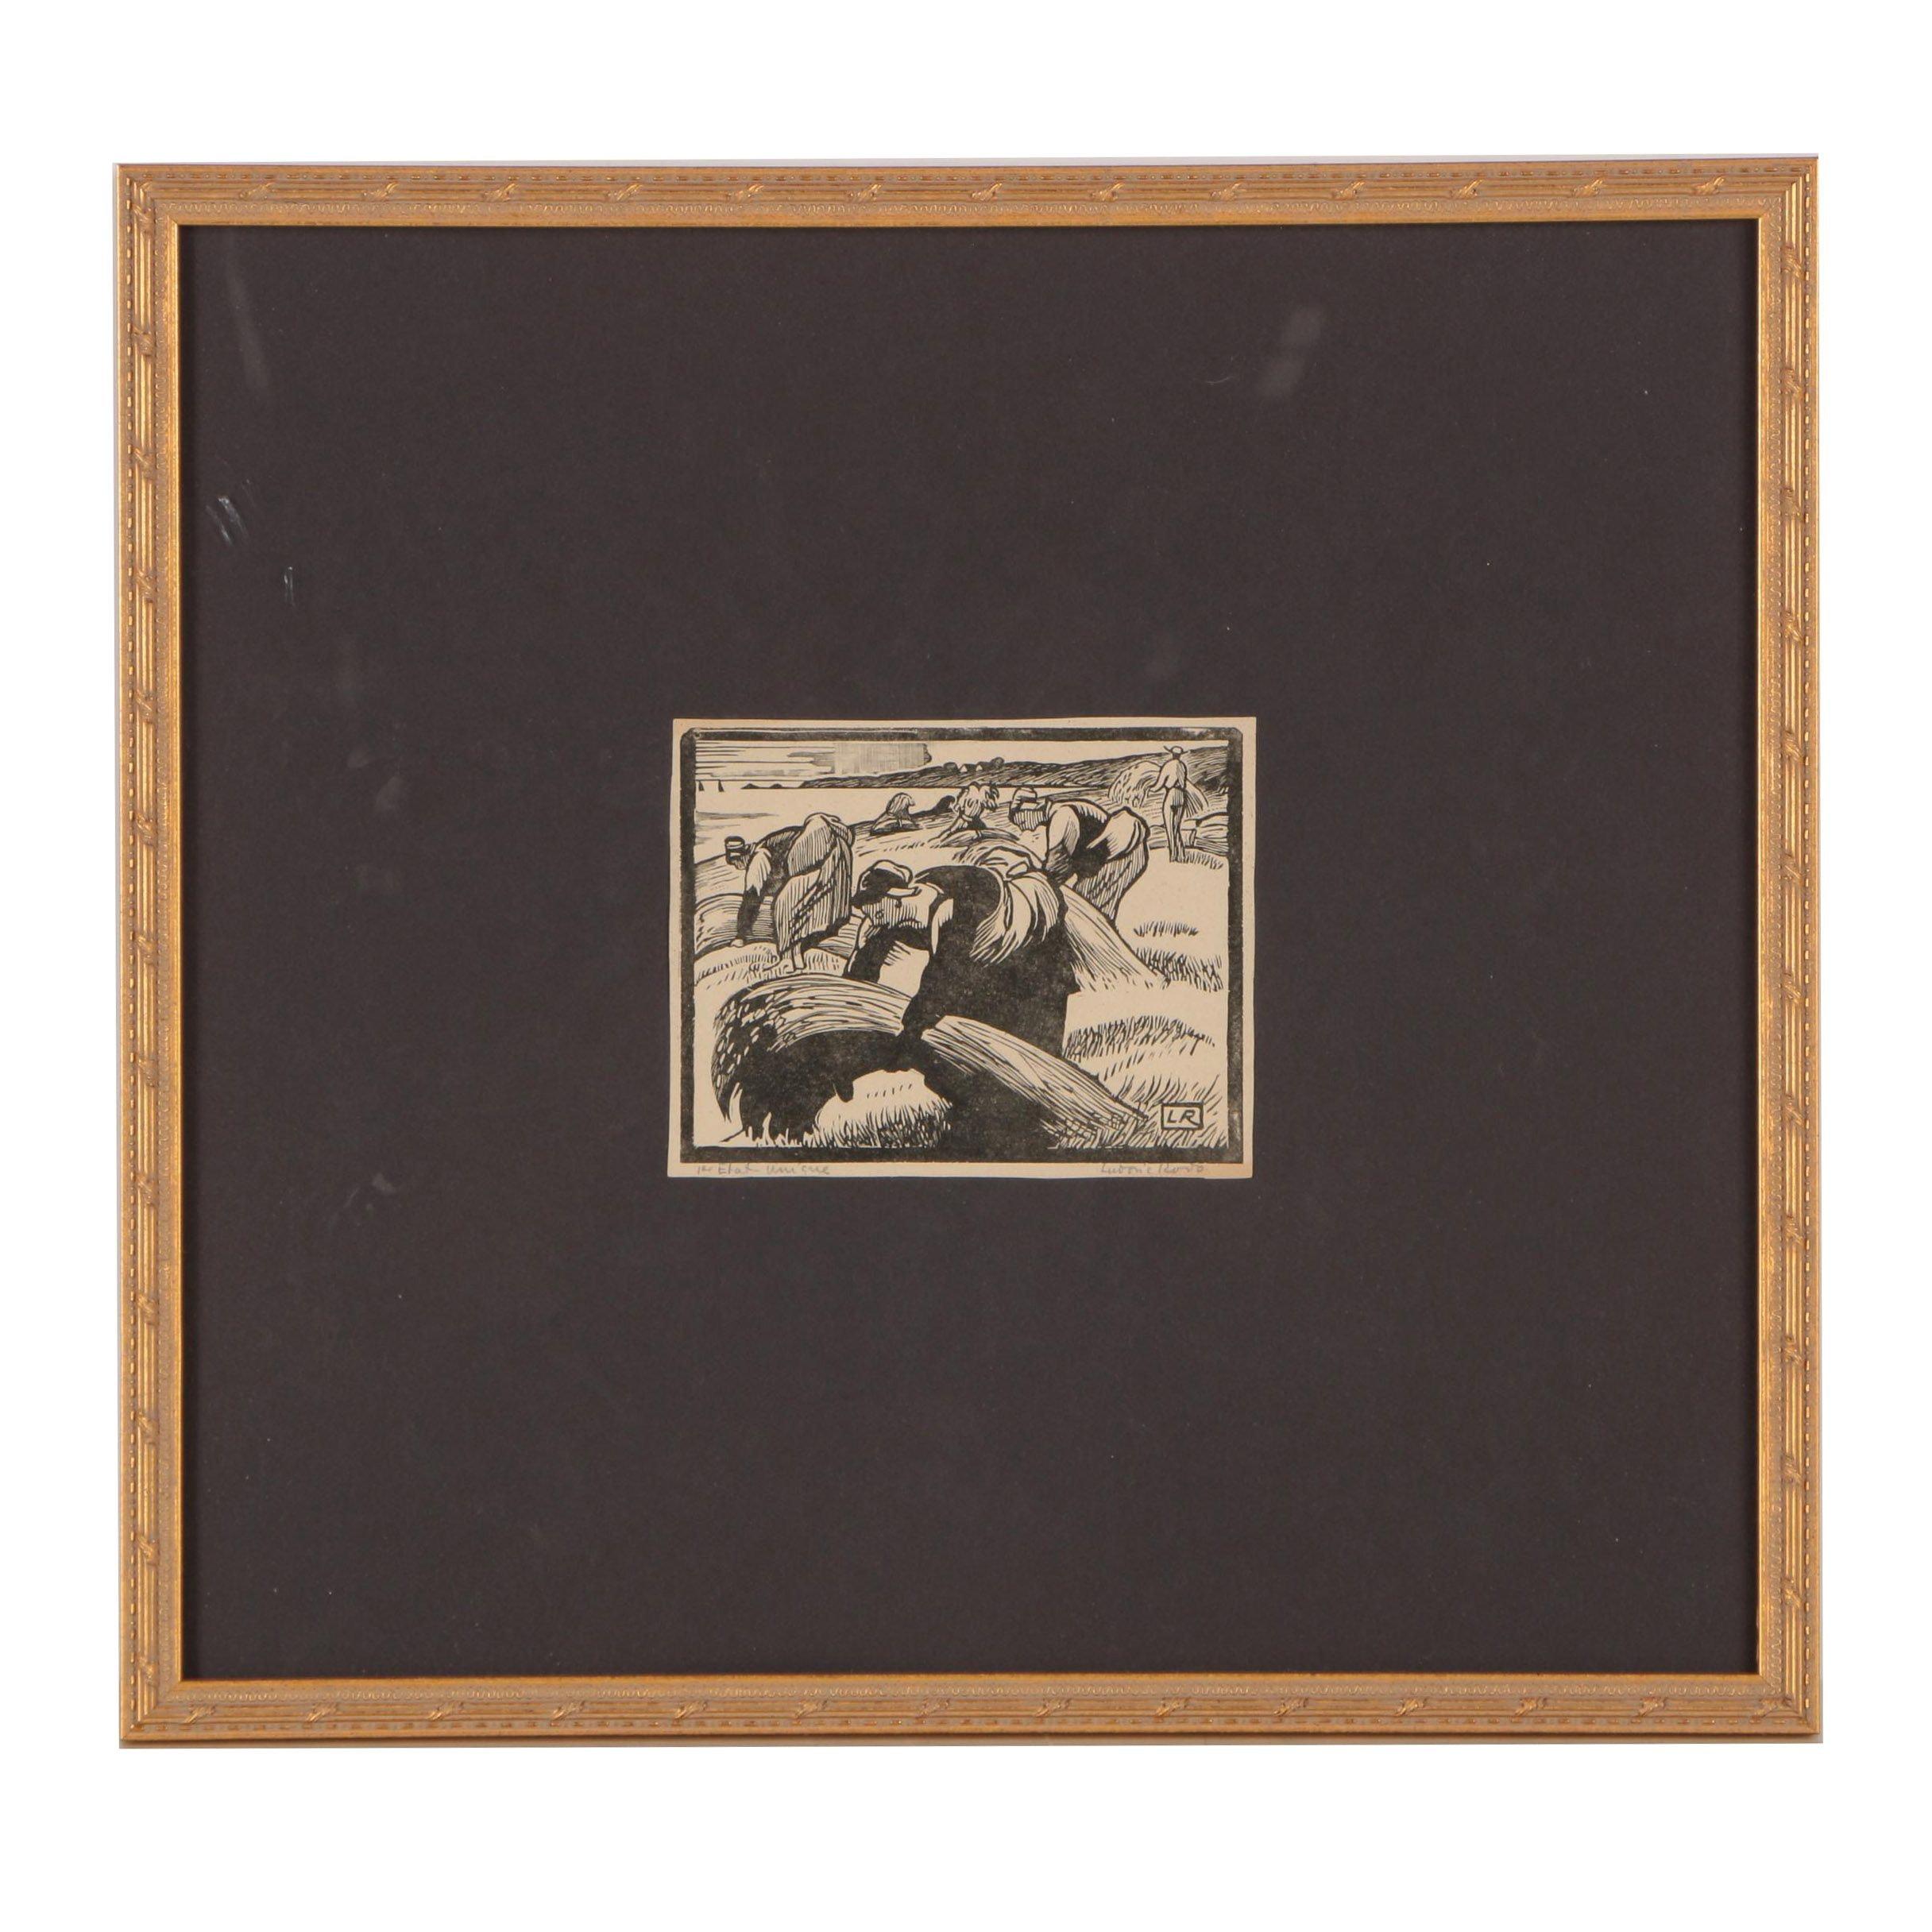 Ludovic-Rodo Pissarro Circa 1930's Limited Edition Woodblock